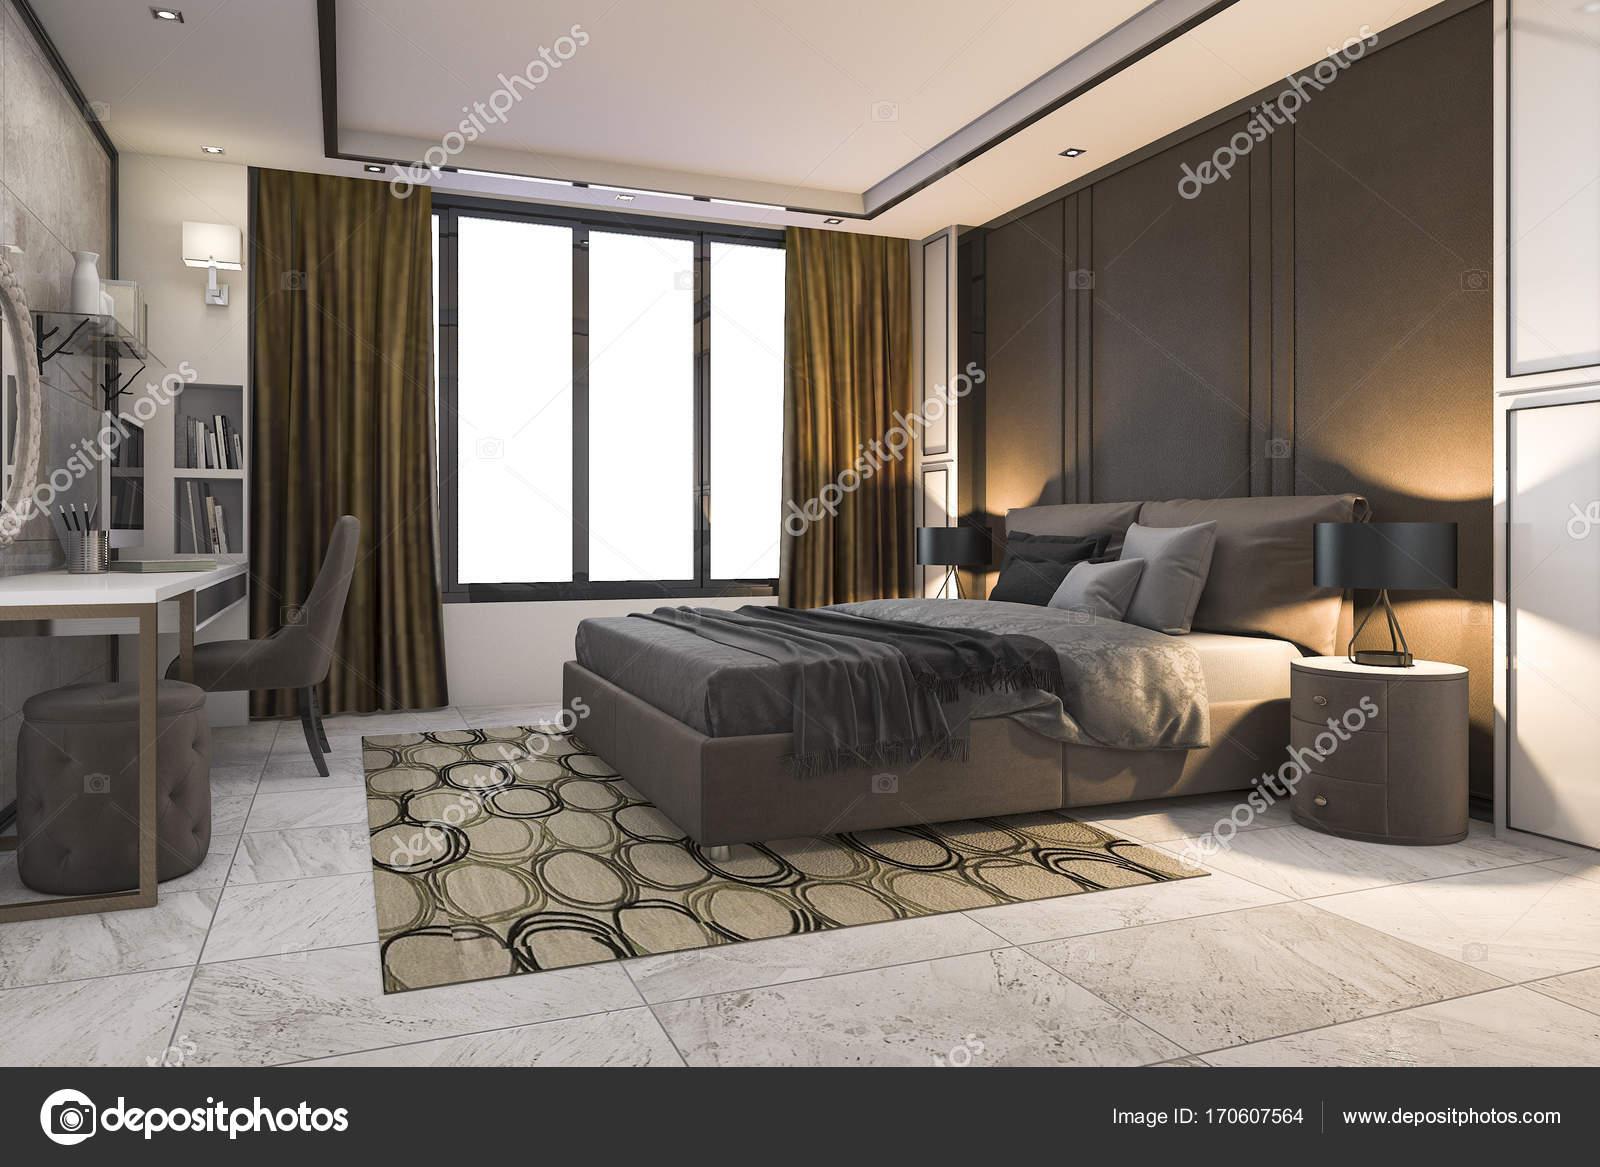 Arredamento Camera Da Letto Marrone : Camera da letto lusso marrone di rendering 3d con arredamento